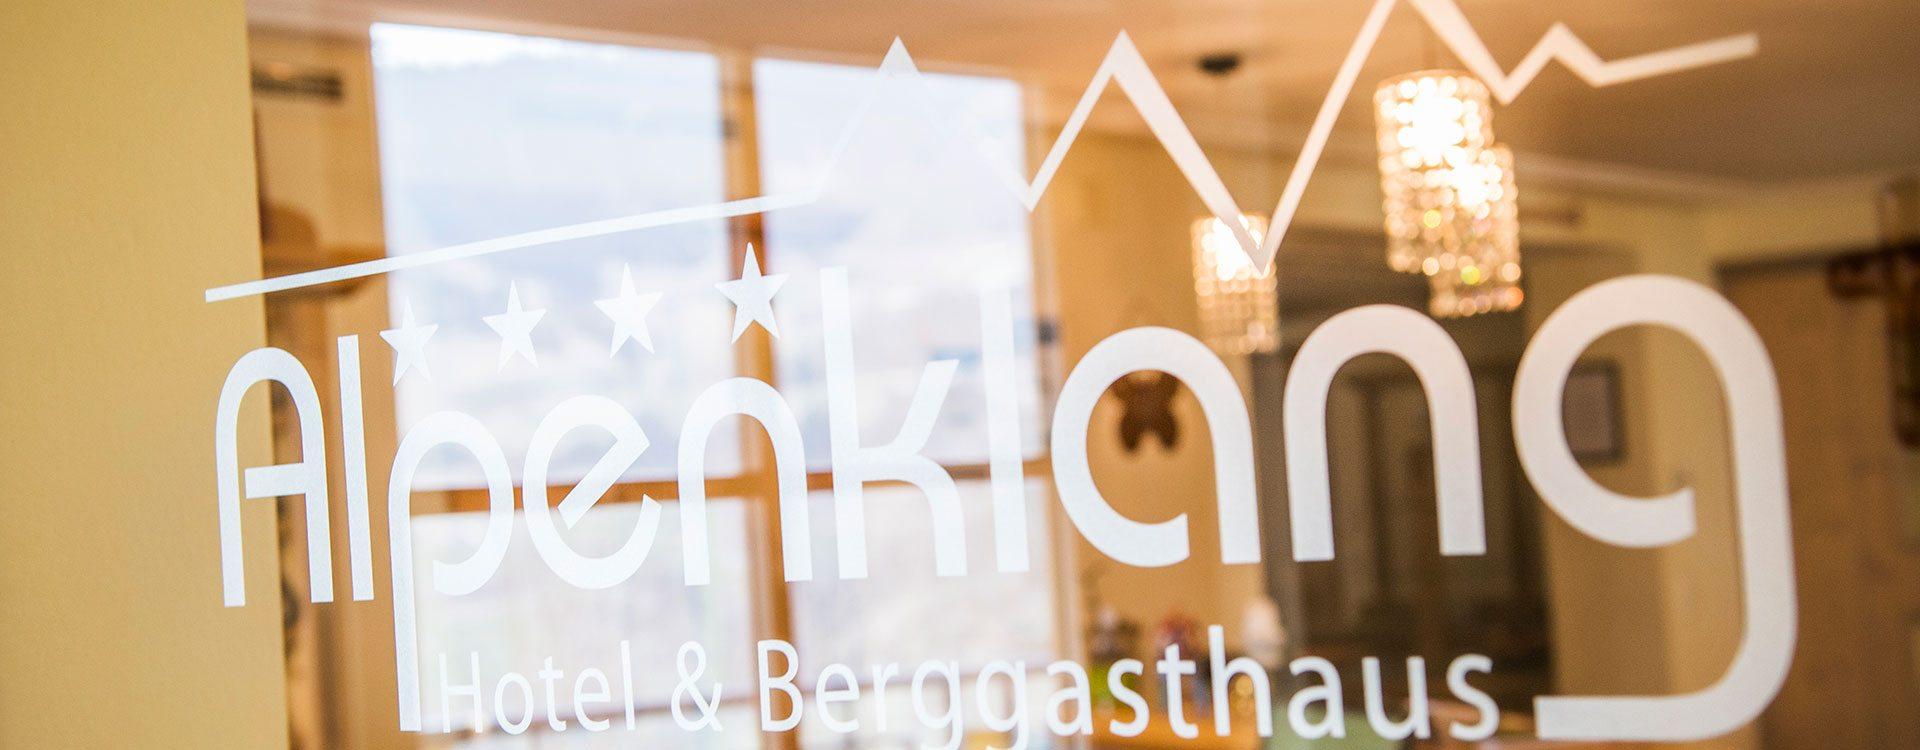 Urlaub im 4 Sterne Hotel & Berggasthaus in Großarl